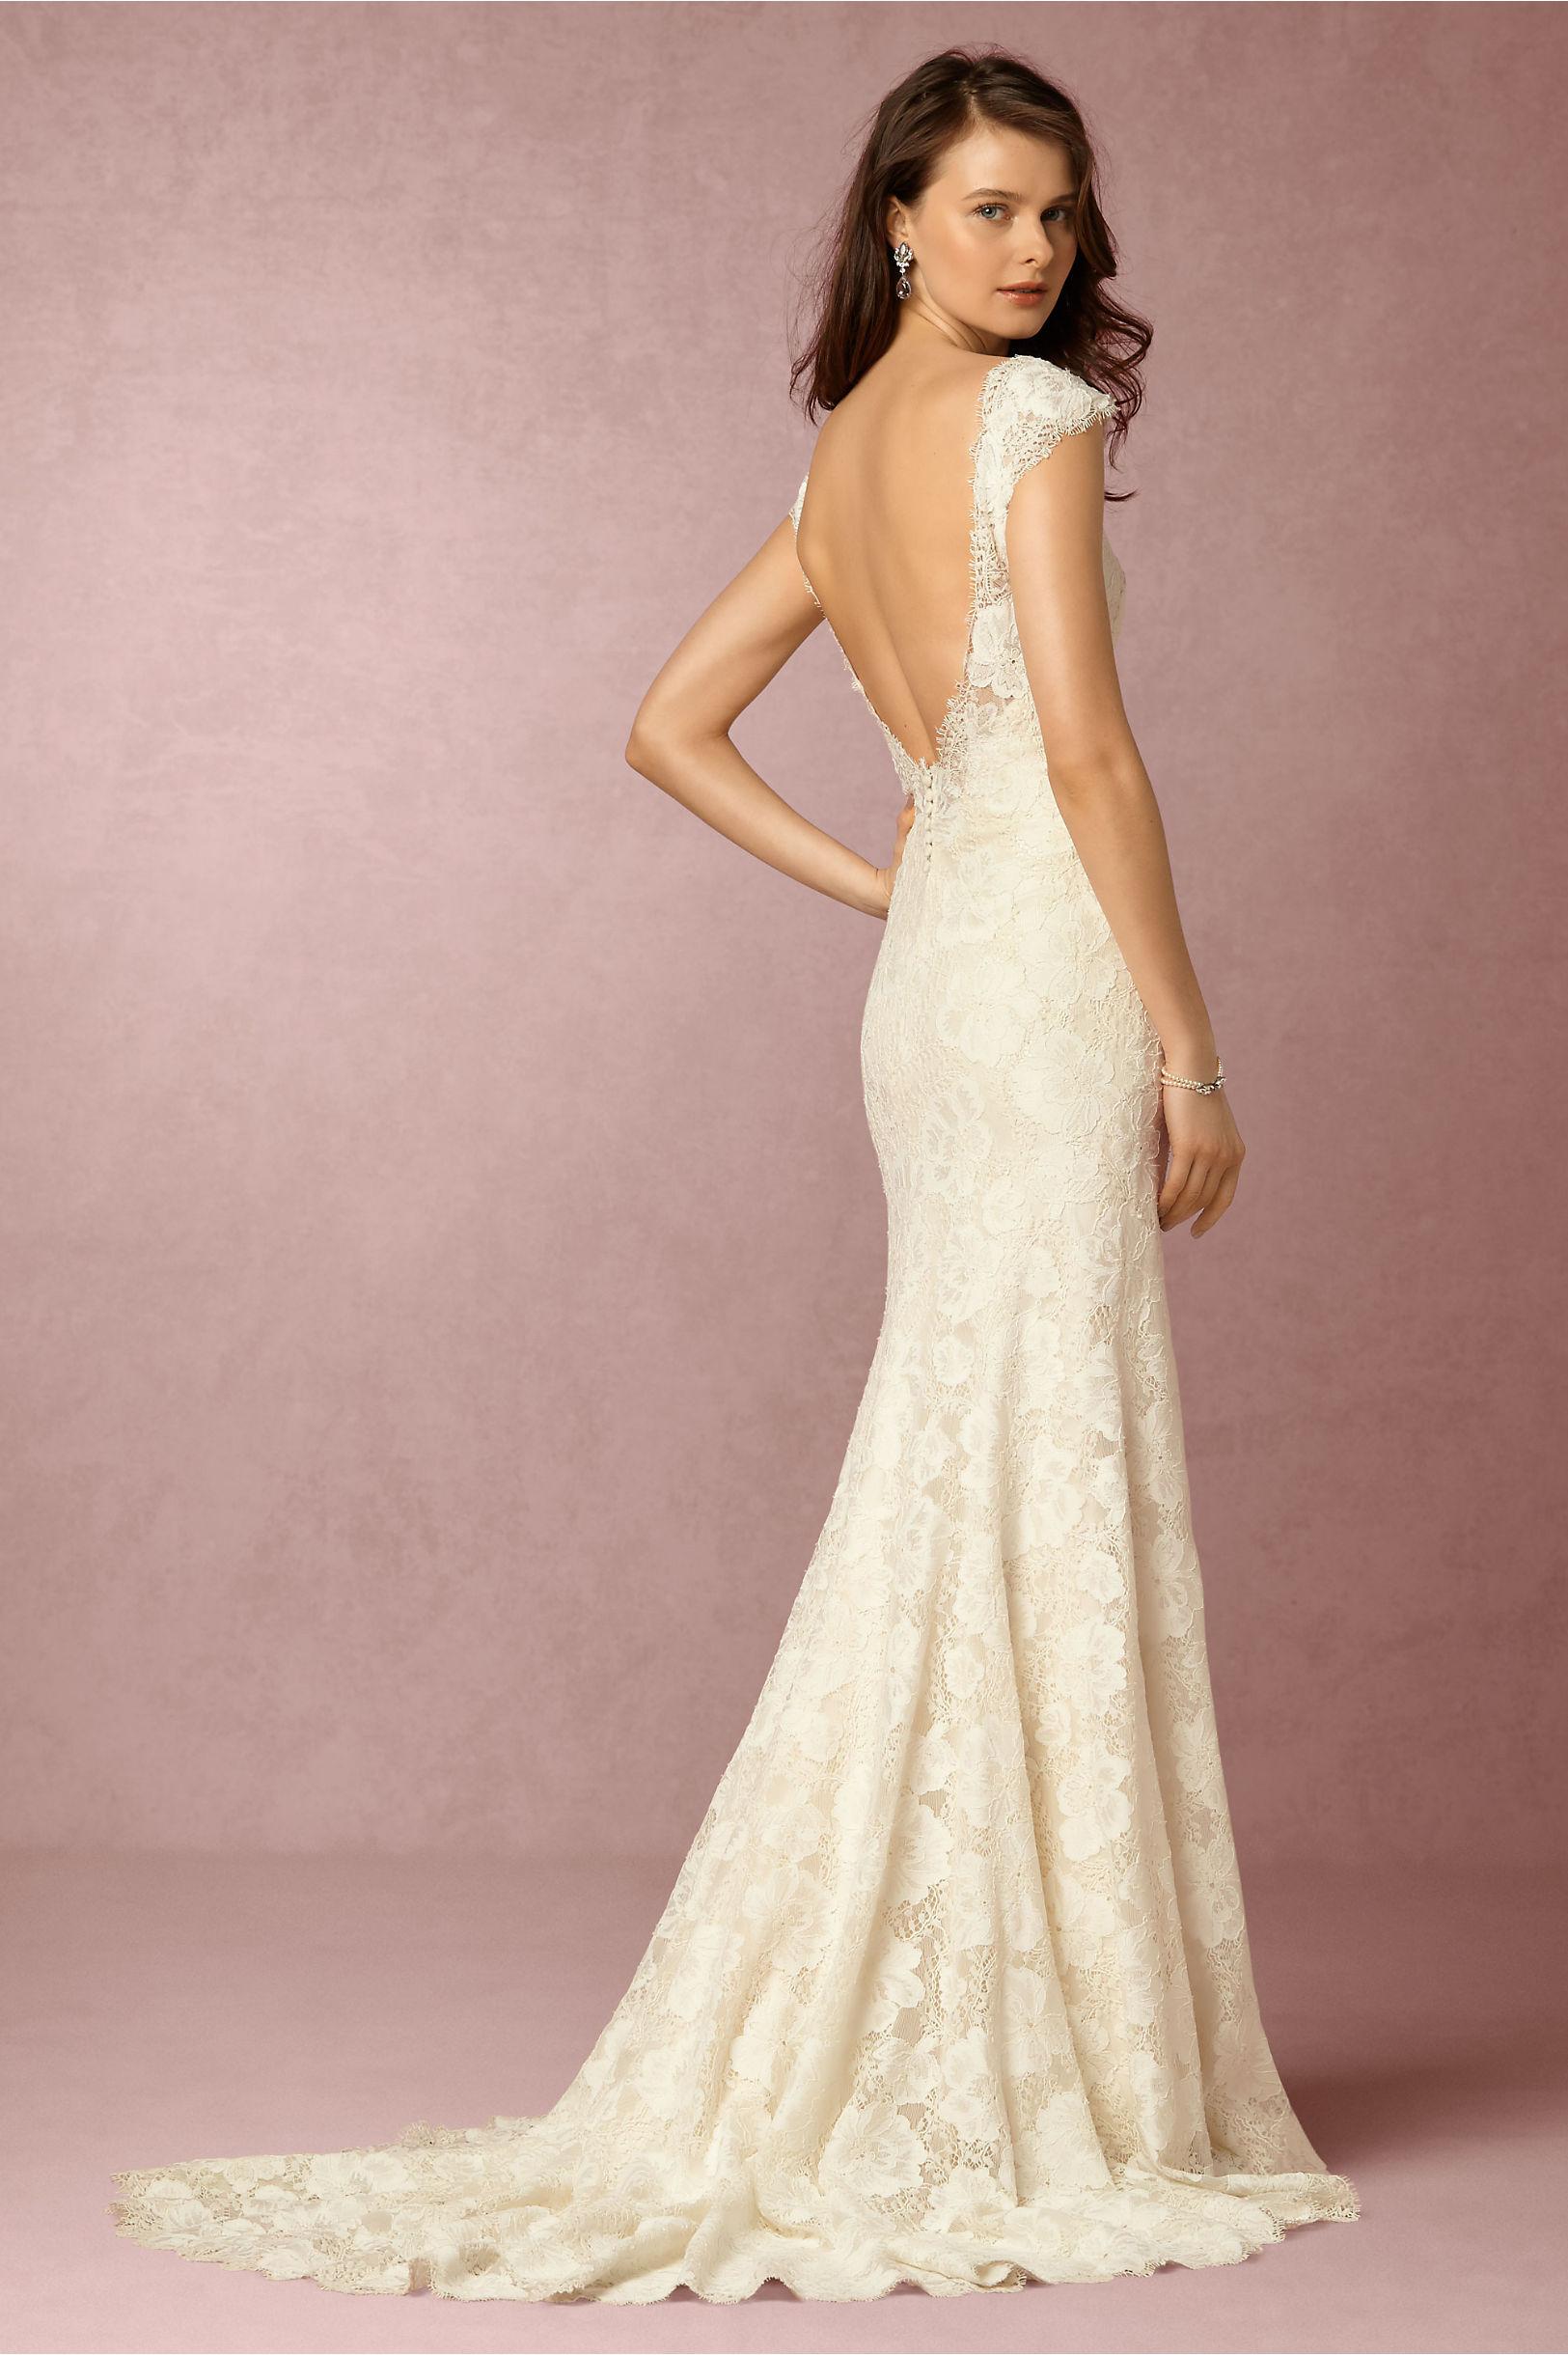 Excepcional Jeweled Wedding Dresses Friso - Colección de Vestidos de ...